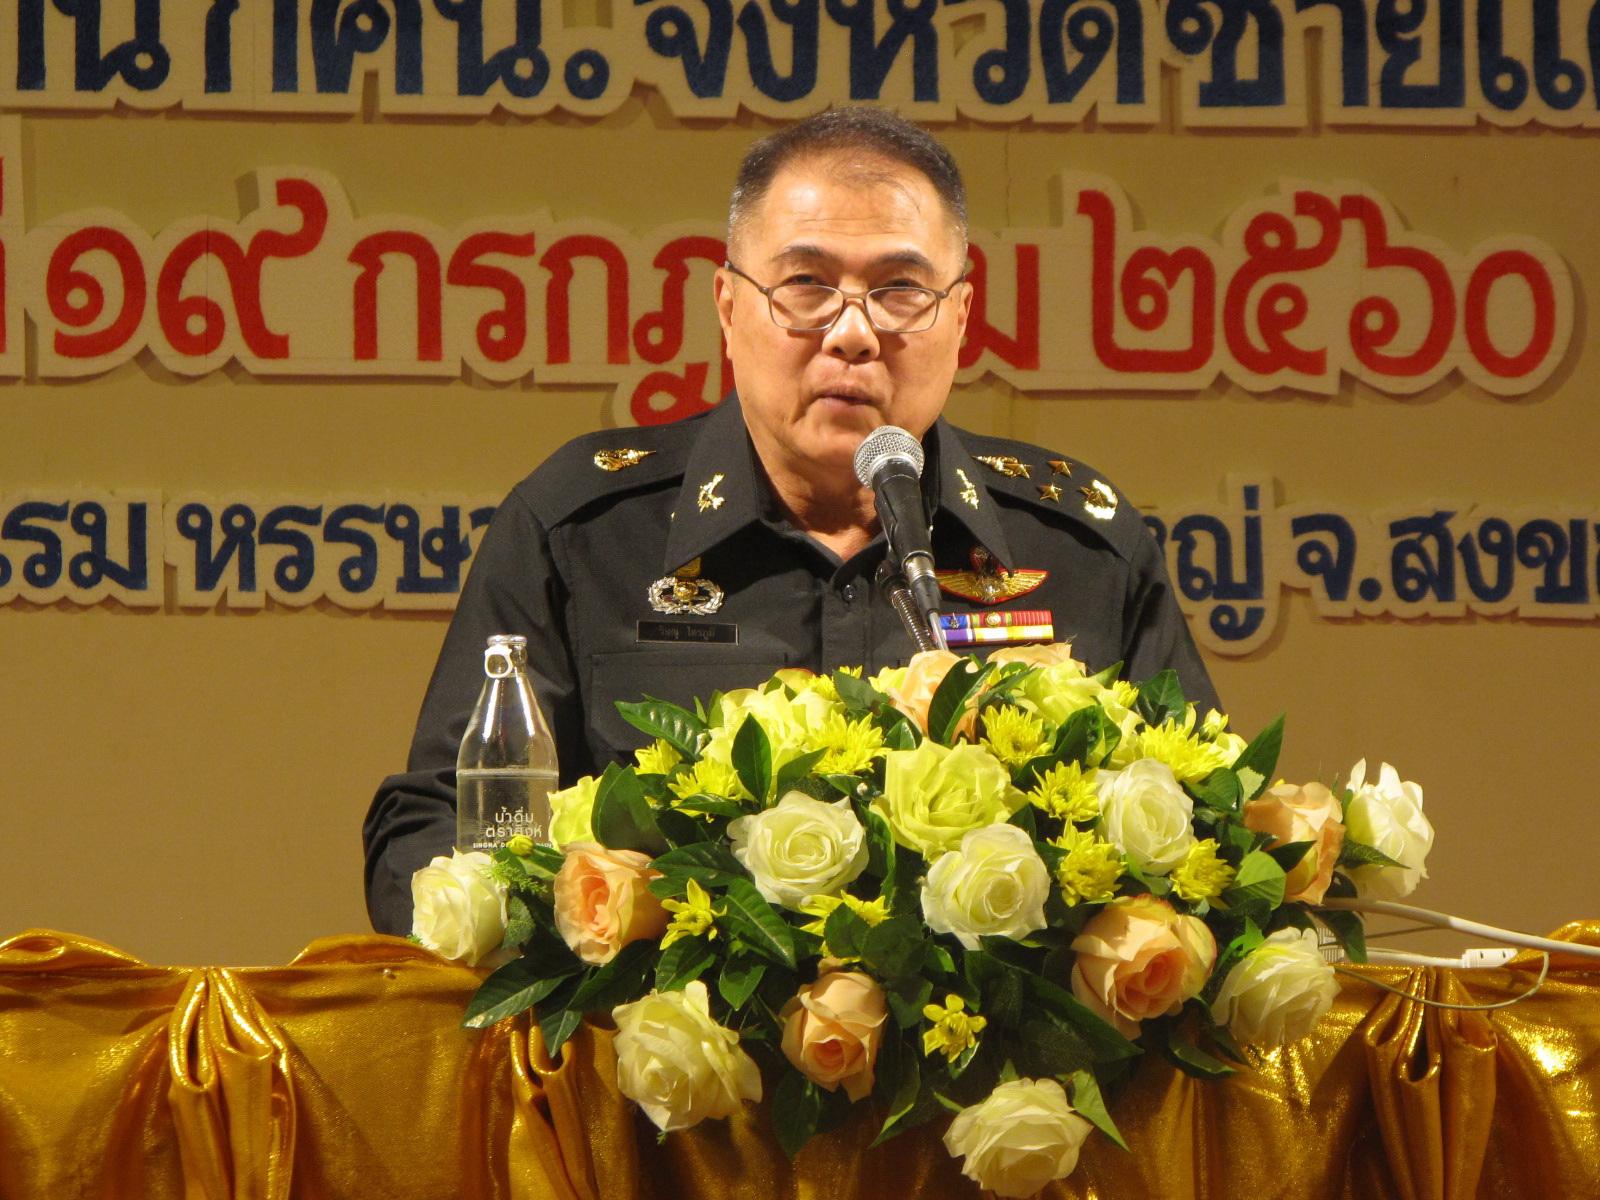 จัดโครงการอบรมประวัติศาสาตร์ชาติไทย และ พระมหากรุณาธิคุณของพระมหากษัตริย์ไทย